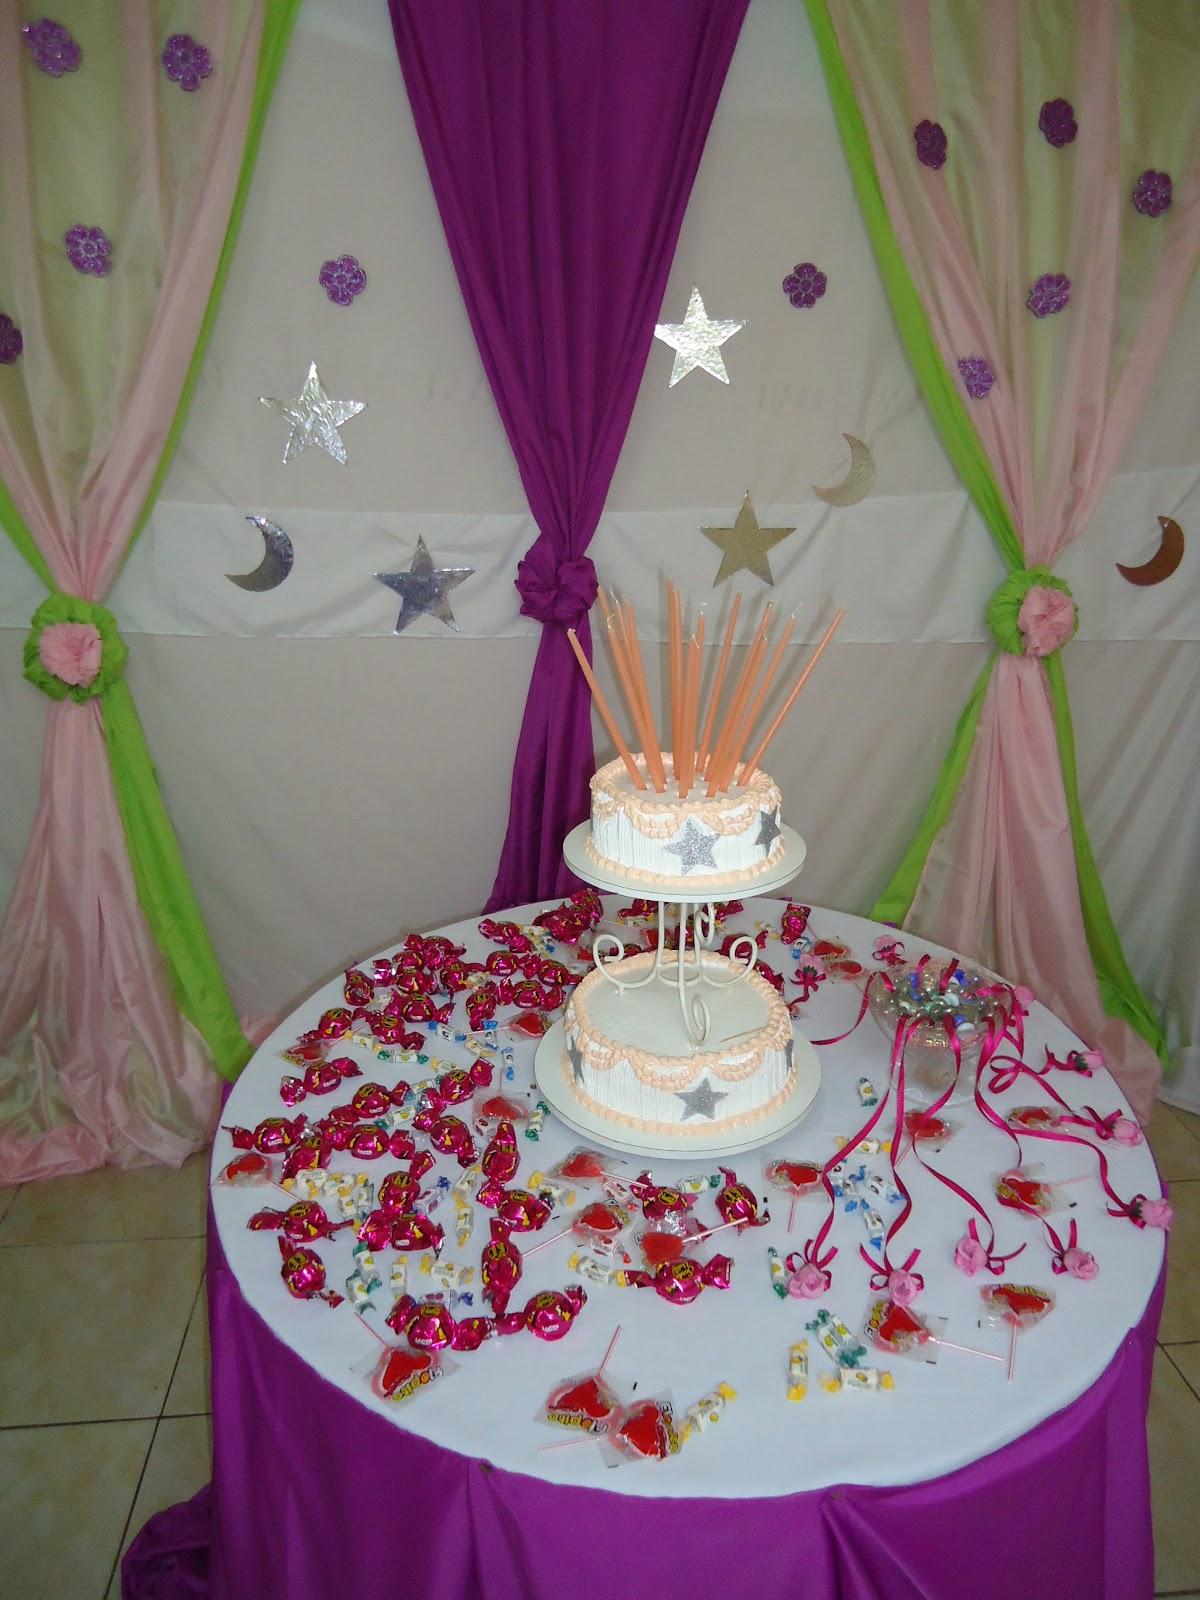 Luly creaciones todo para tus fiestas decoraci n - Decoracion con estrellas ...